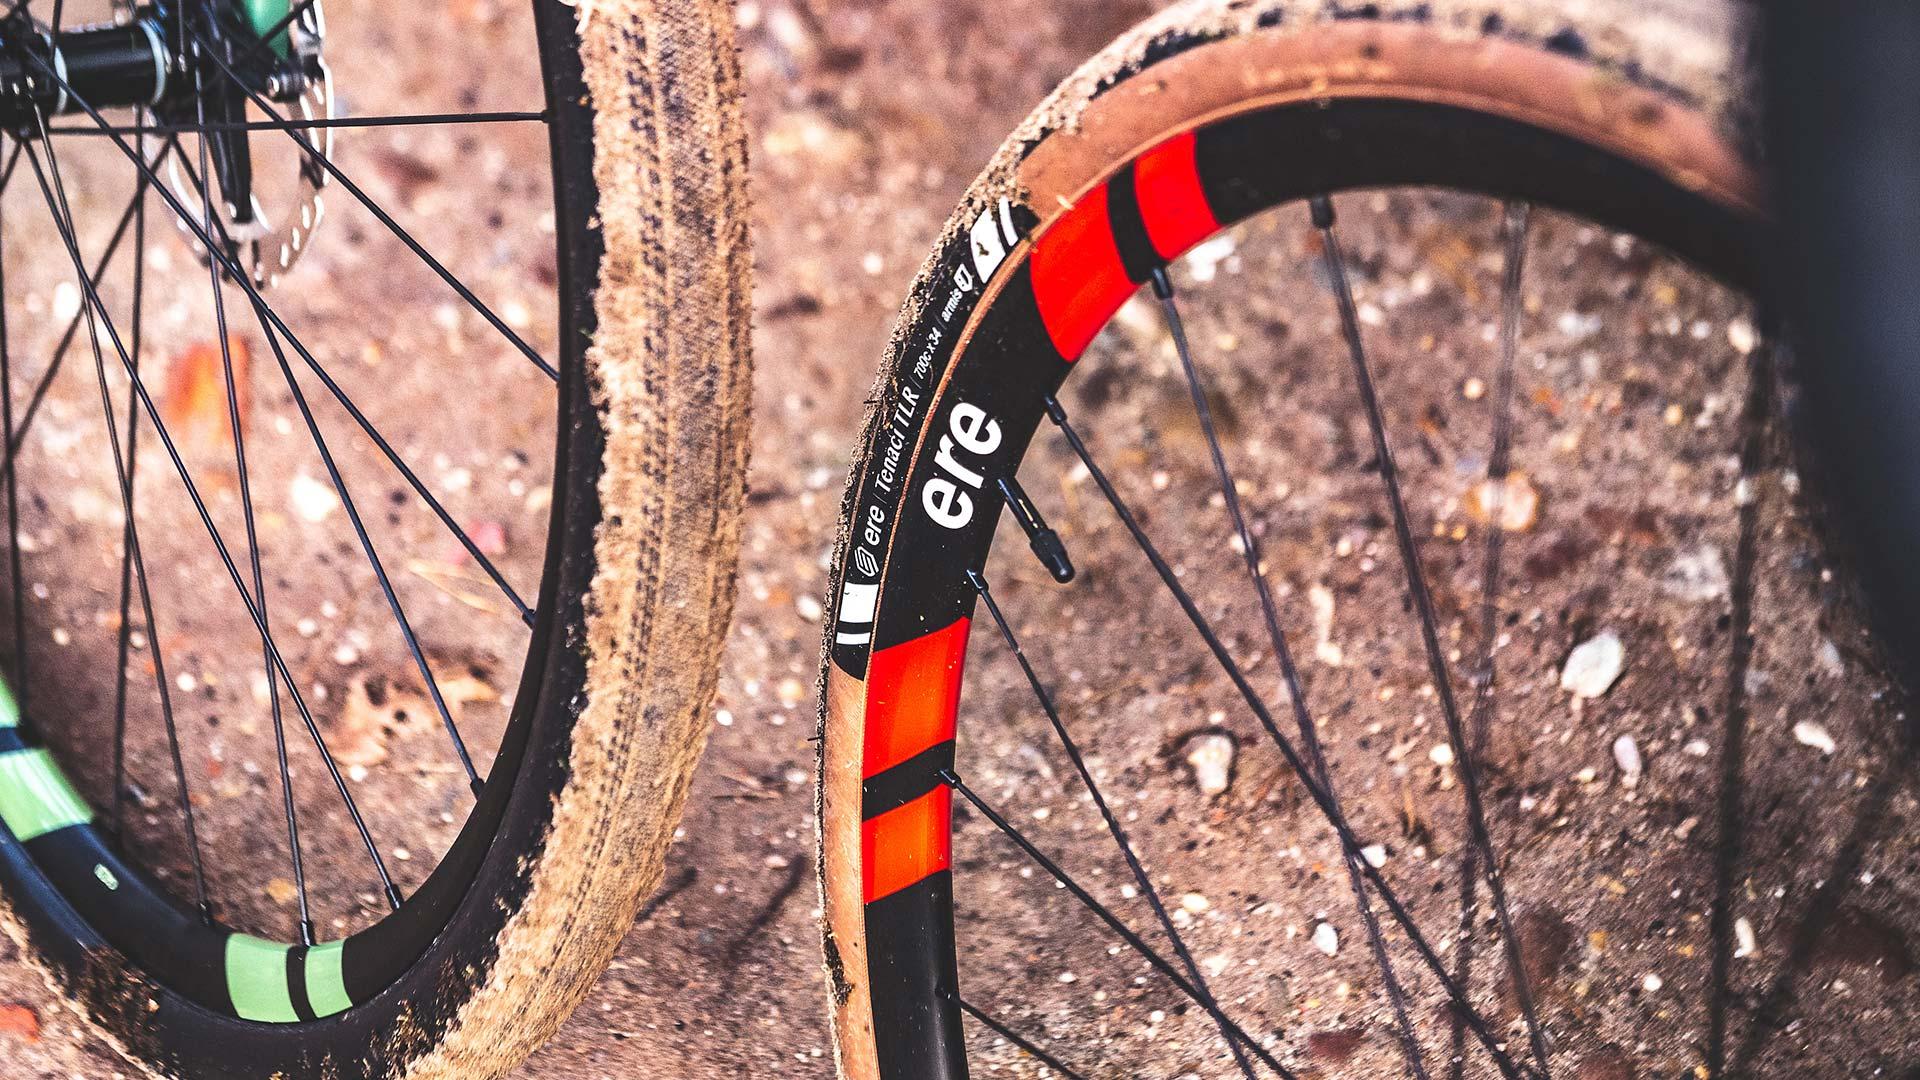 9 technische tips voor wielrenners, gravelbikers & mountainbikers (van techniek-expert Piet van der Velde)